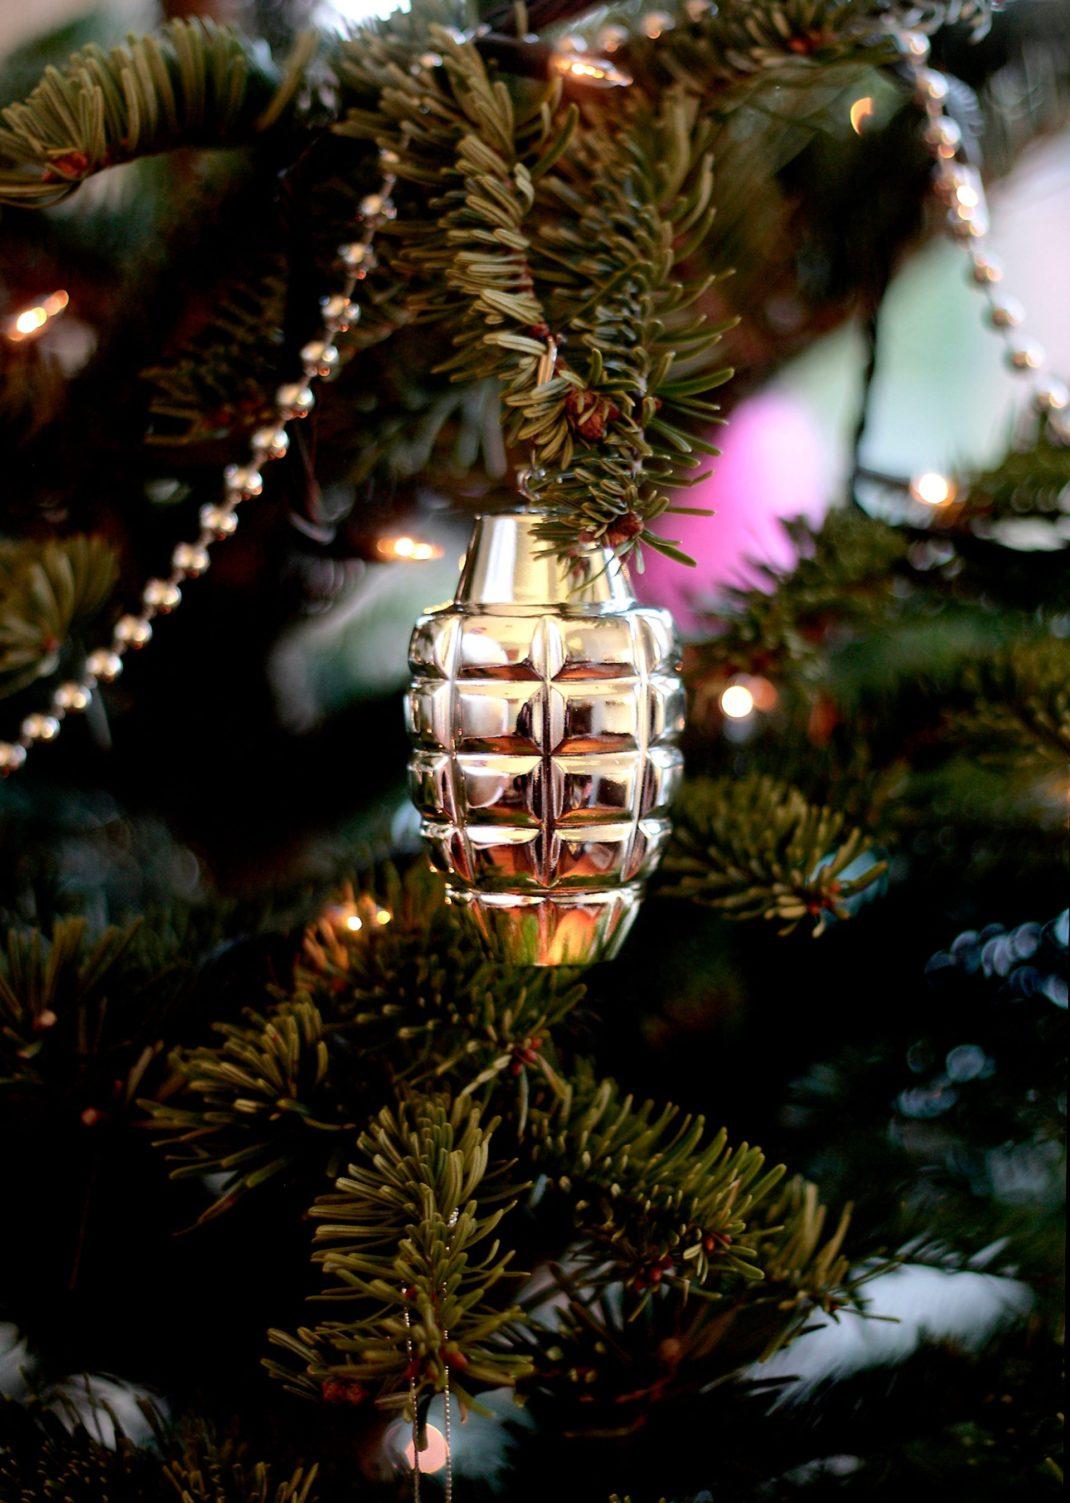 Grenade Decoration